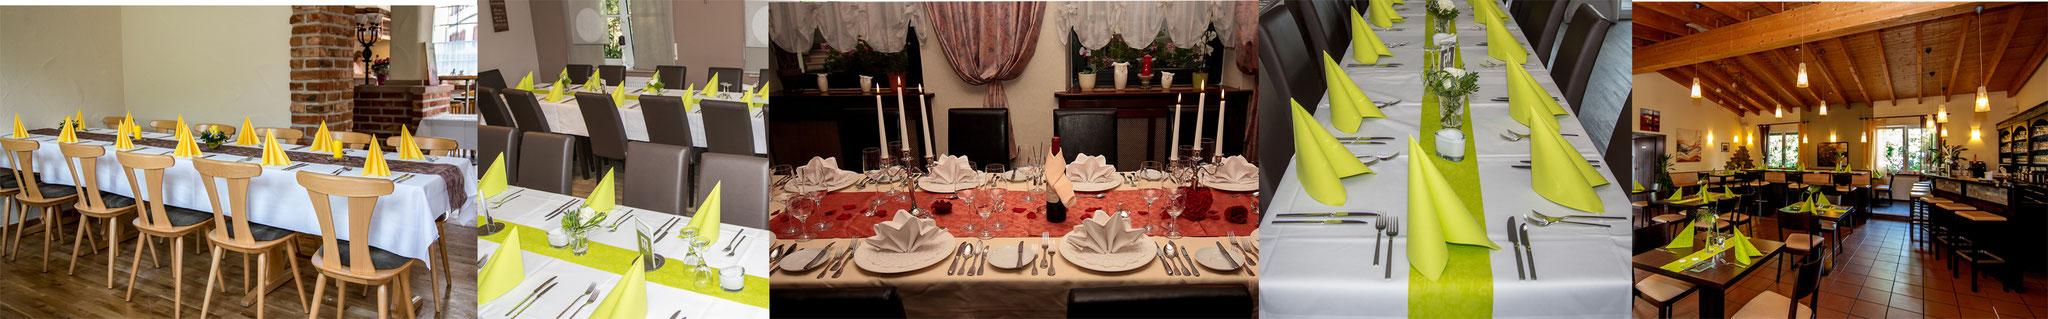 Gedeckter Tisch - Gastlichkeit